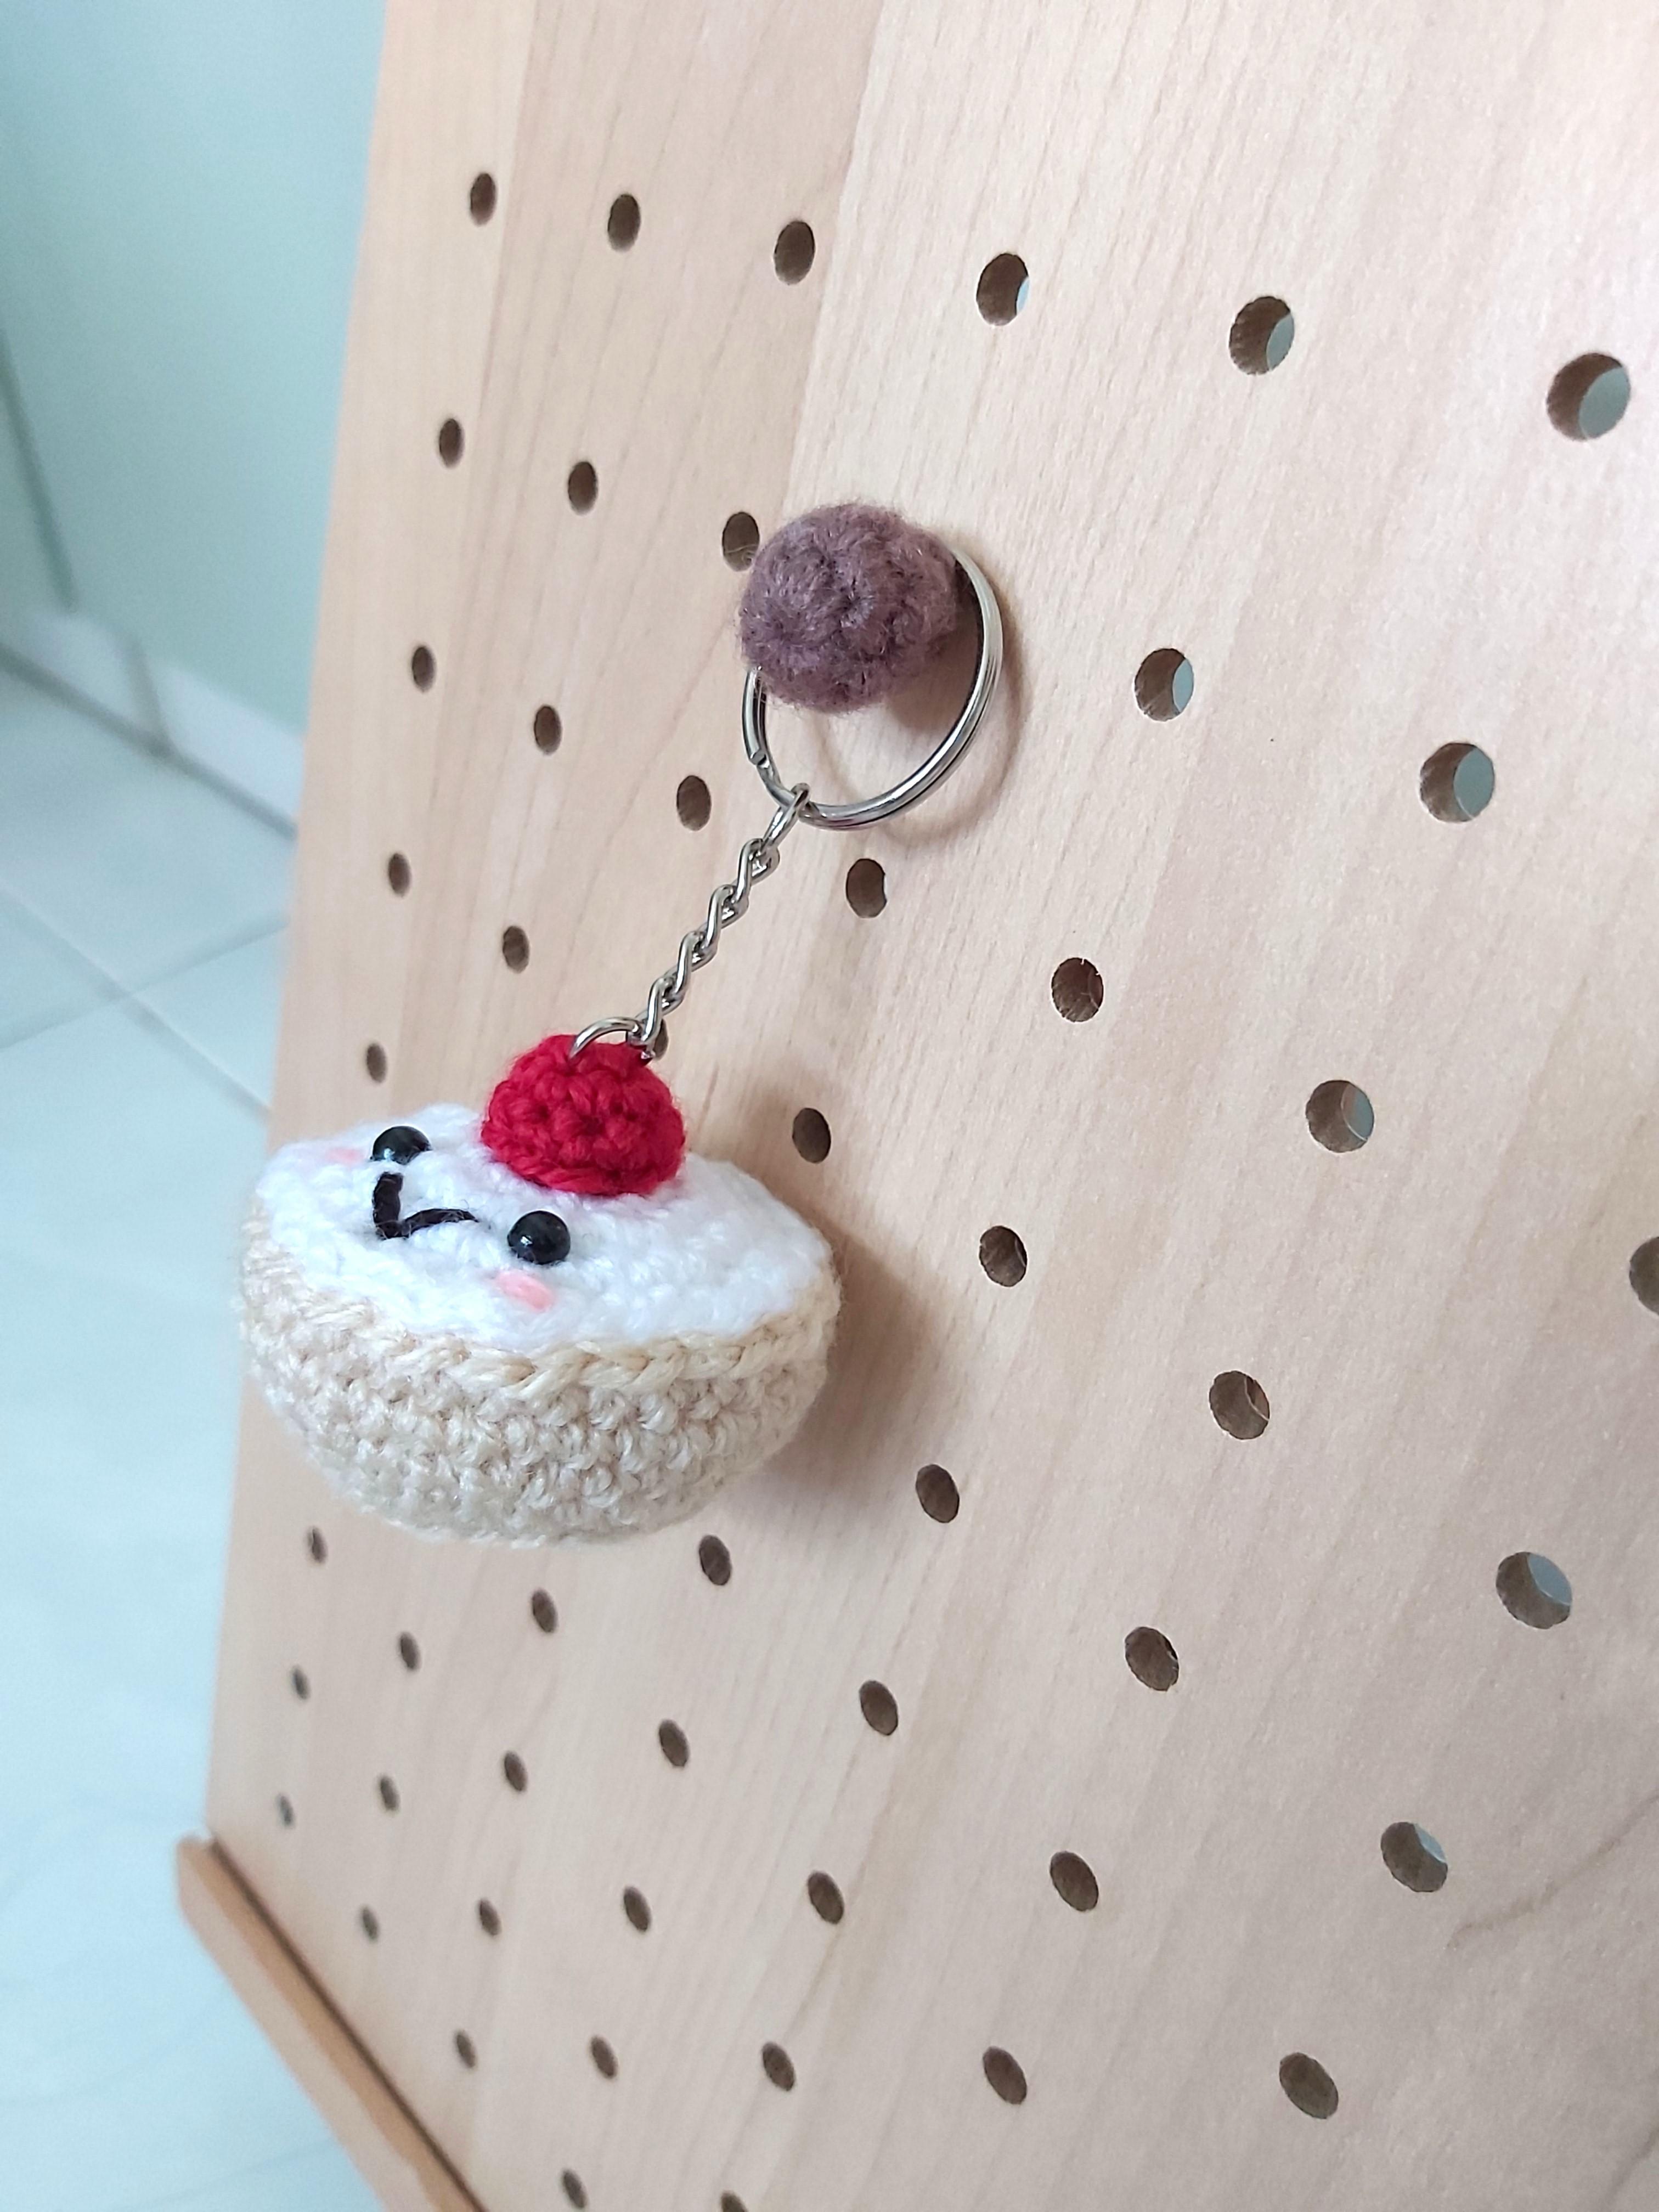 Phochaco dog crochet keychain amigurumi kawaii doll cute | Etsy | 4032x3024